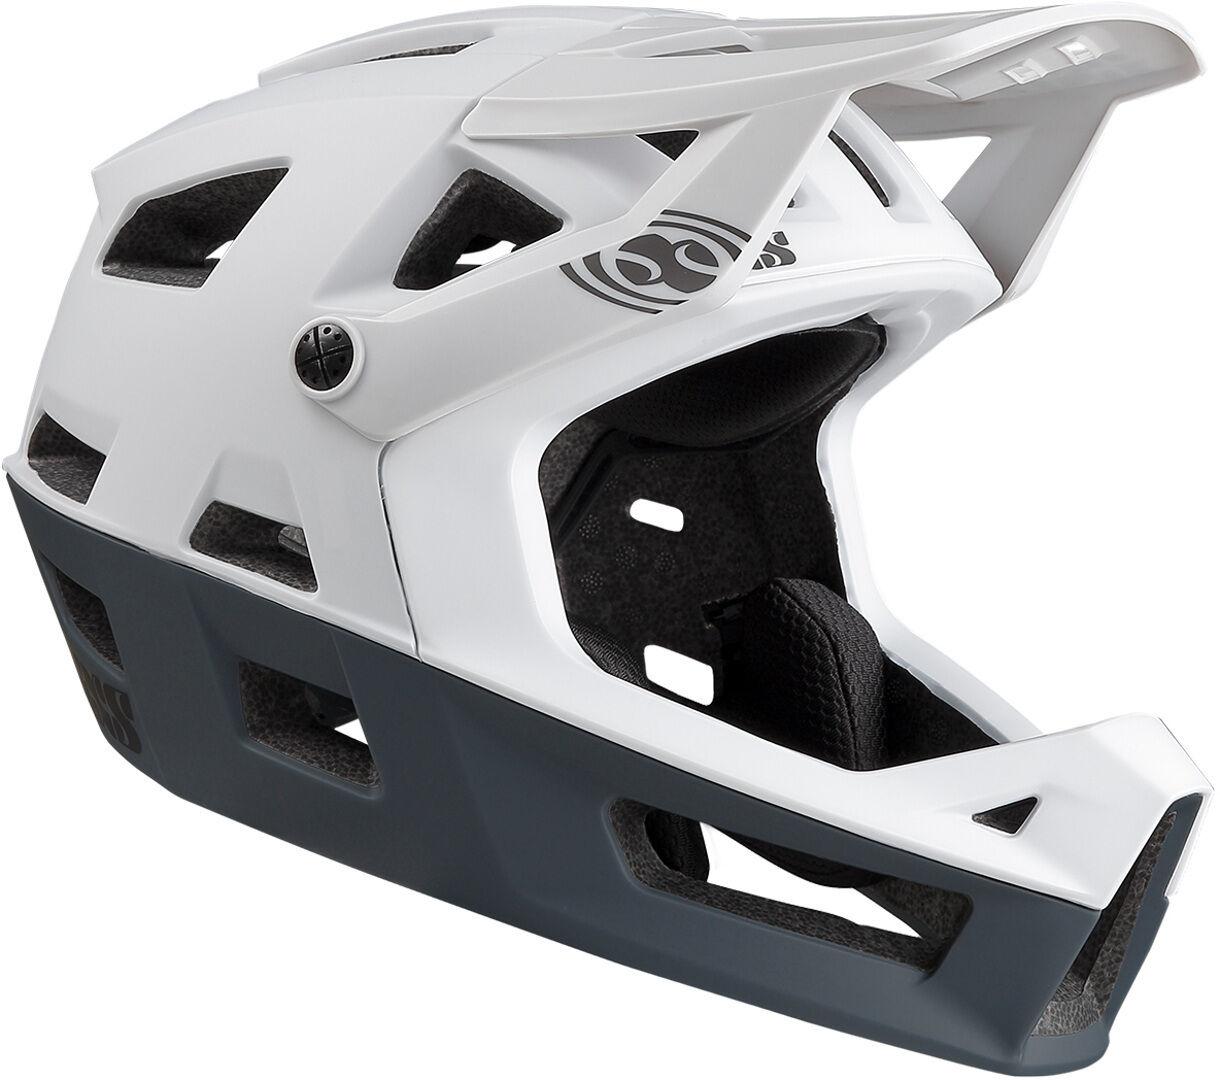 IXS Trigger FF Downhill Helmet  - Size: Small